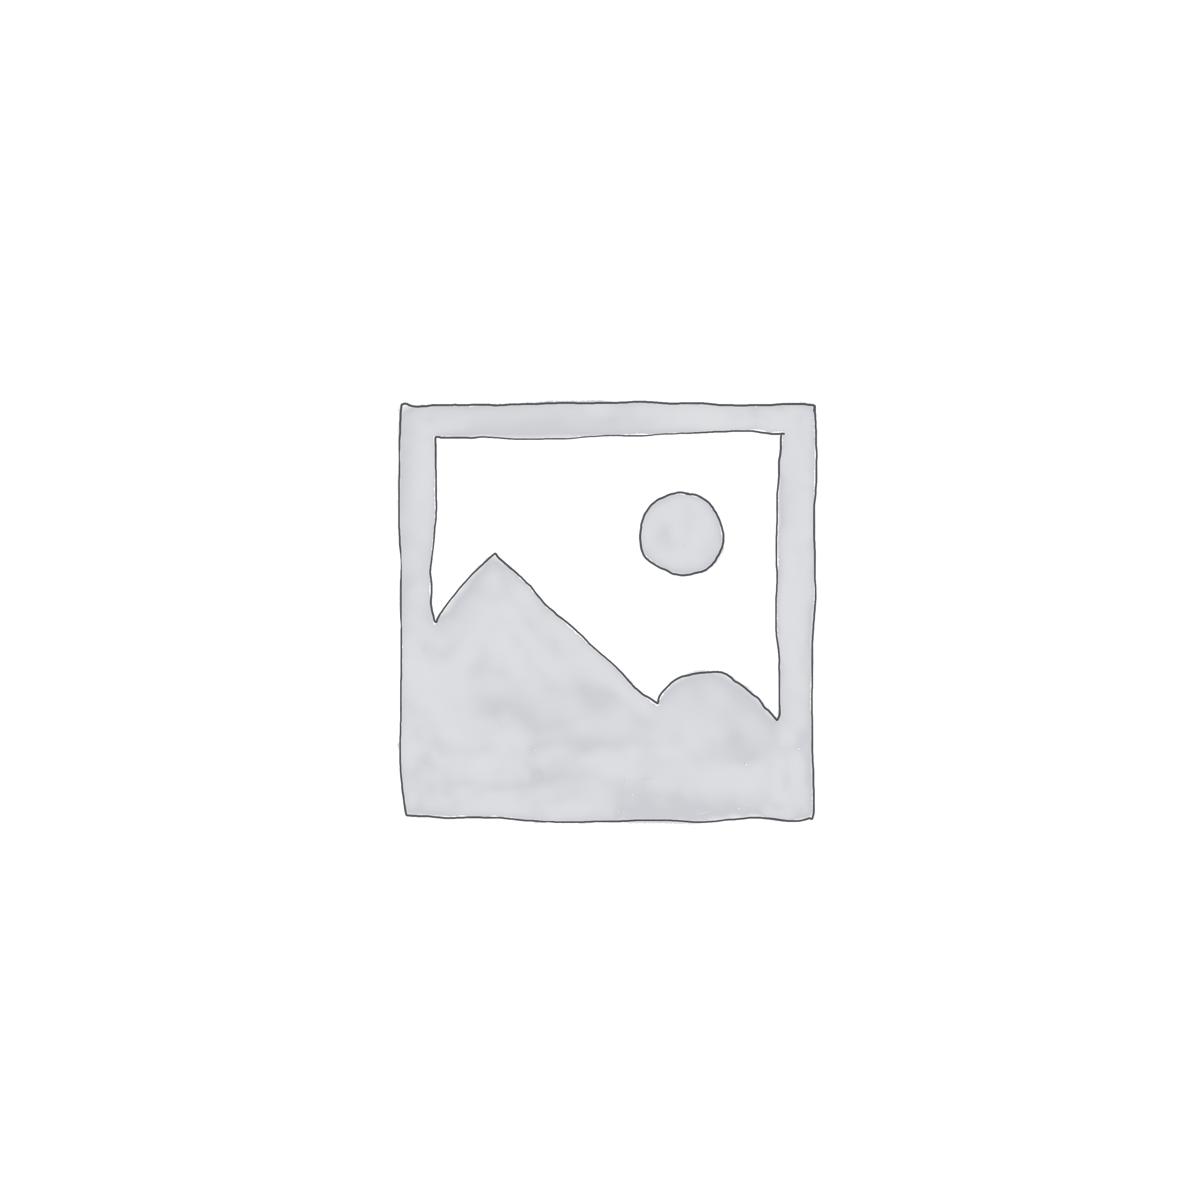 3D Embossed Look Classic Sculpture Wallpaper Mural